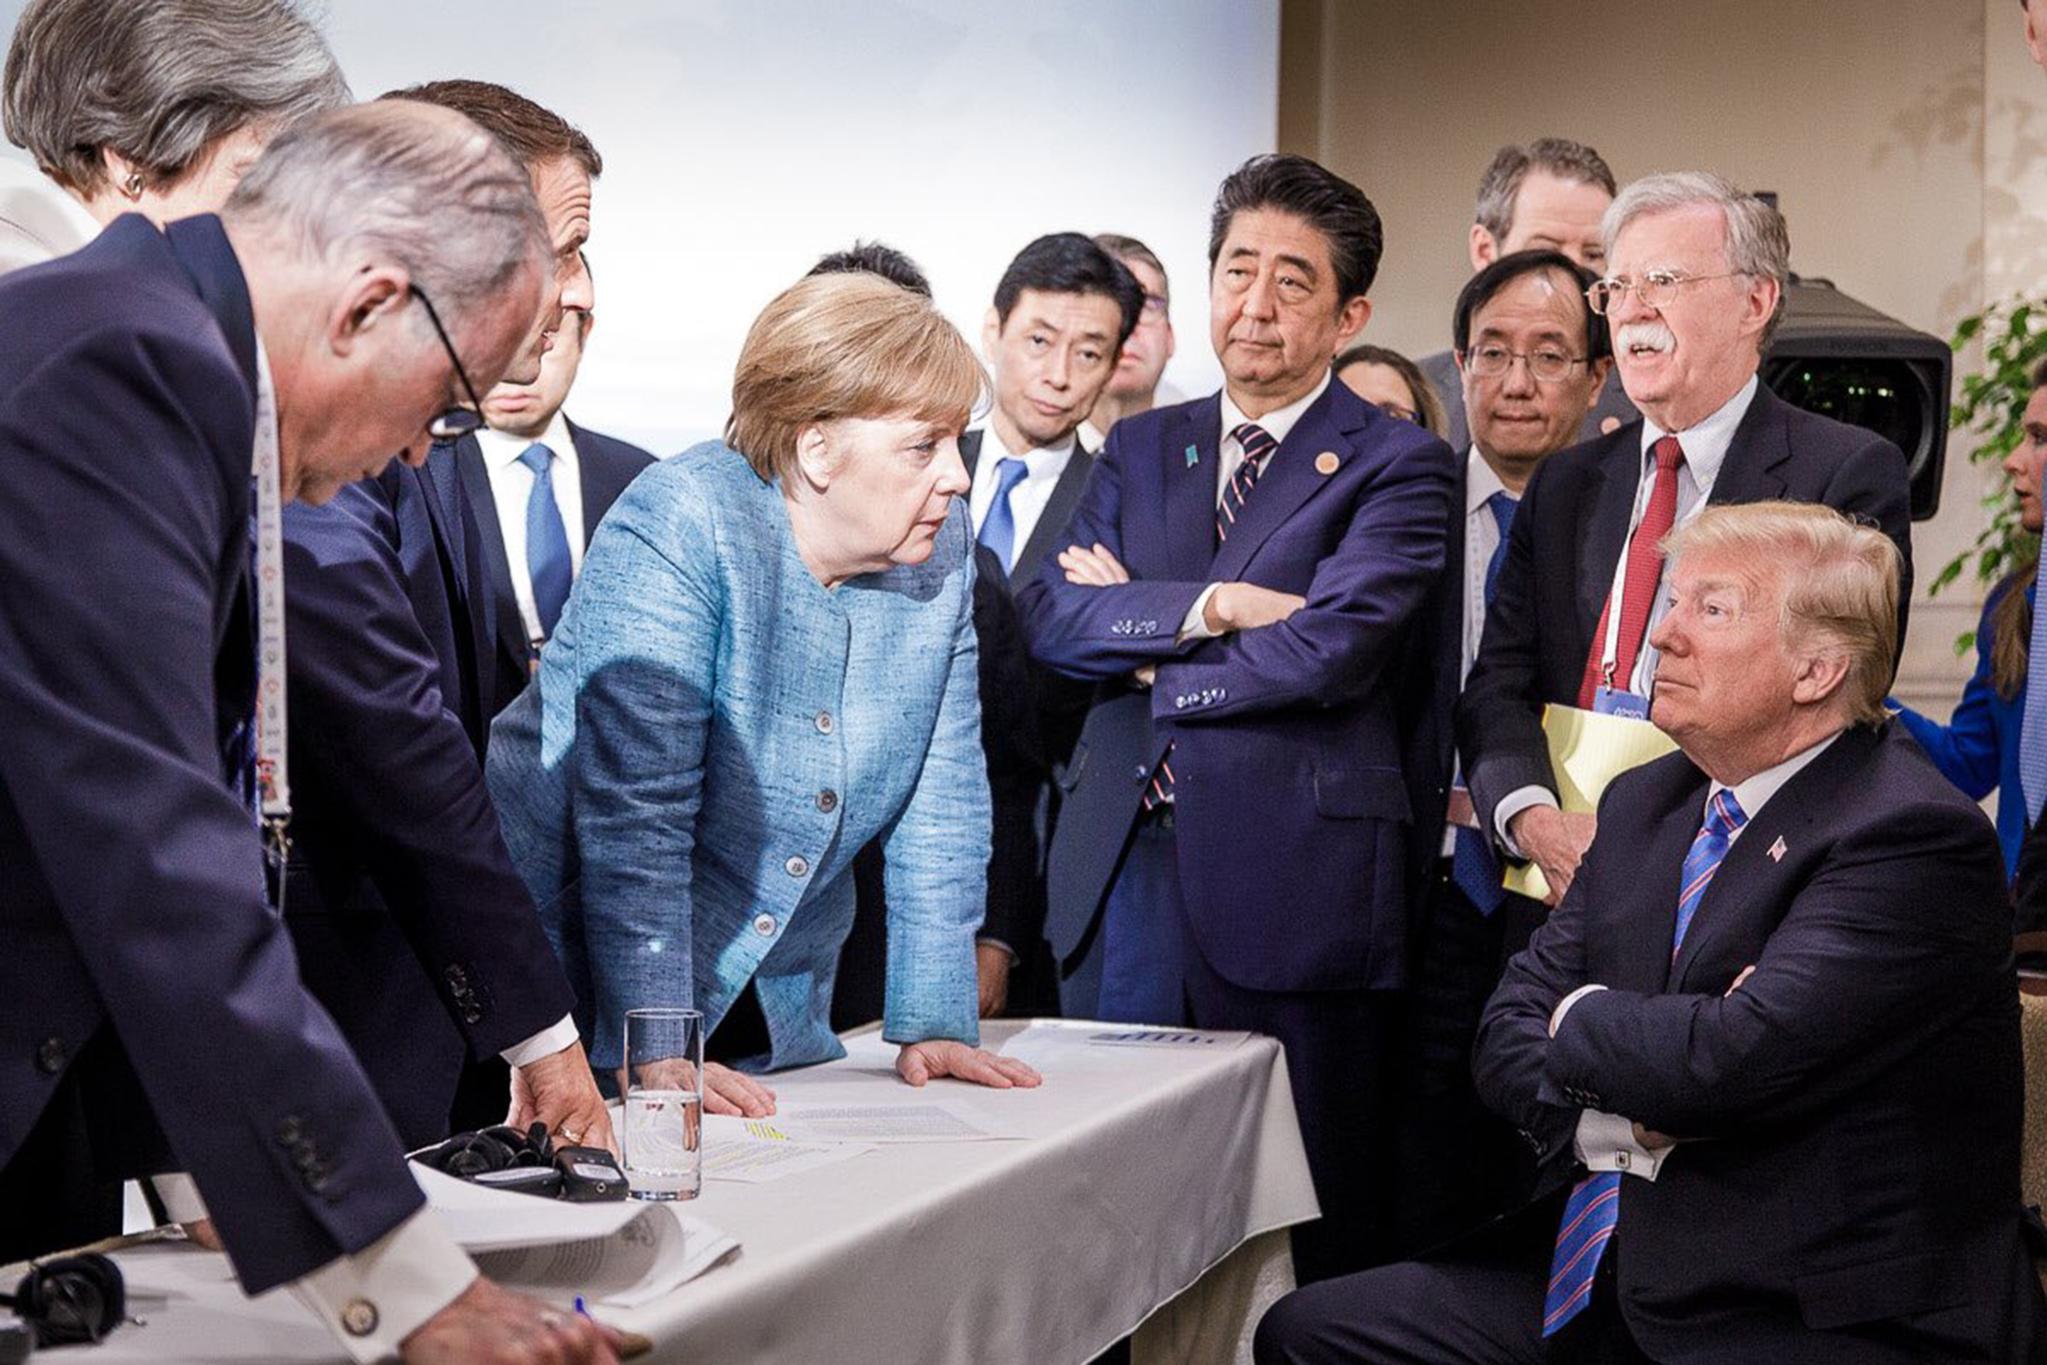 주요 7개국(G7) 정상과 관료들이 6월 9일(현지시간) 캐나다 퀘벡 라발베에서 열린 G7 정상회의에서 대화하고 있다. 이 사진은 회의 당시 도널드 트럼프 미국 대통령(맨 오른쪽 하단)과 다른 정상들과의 불편한 분위기를 고스란히 보여준다.[UPI=연합뉴스]